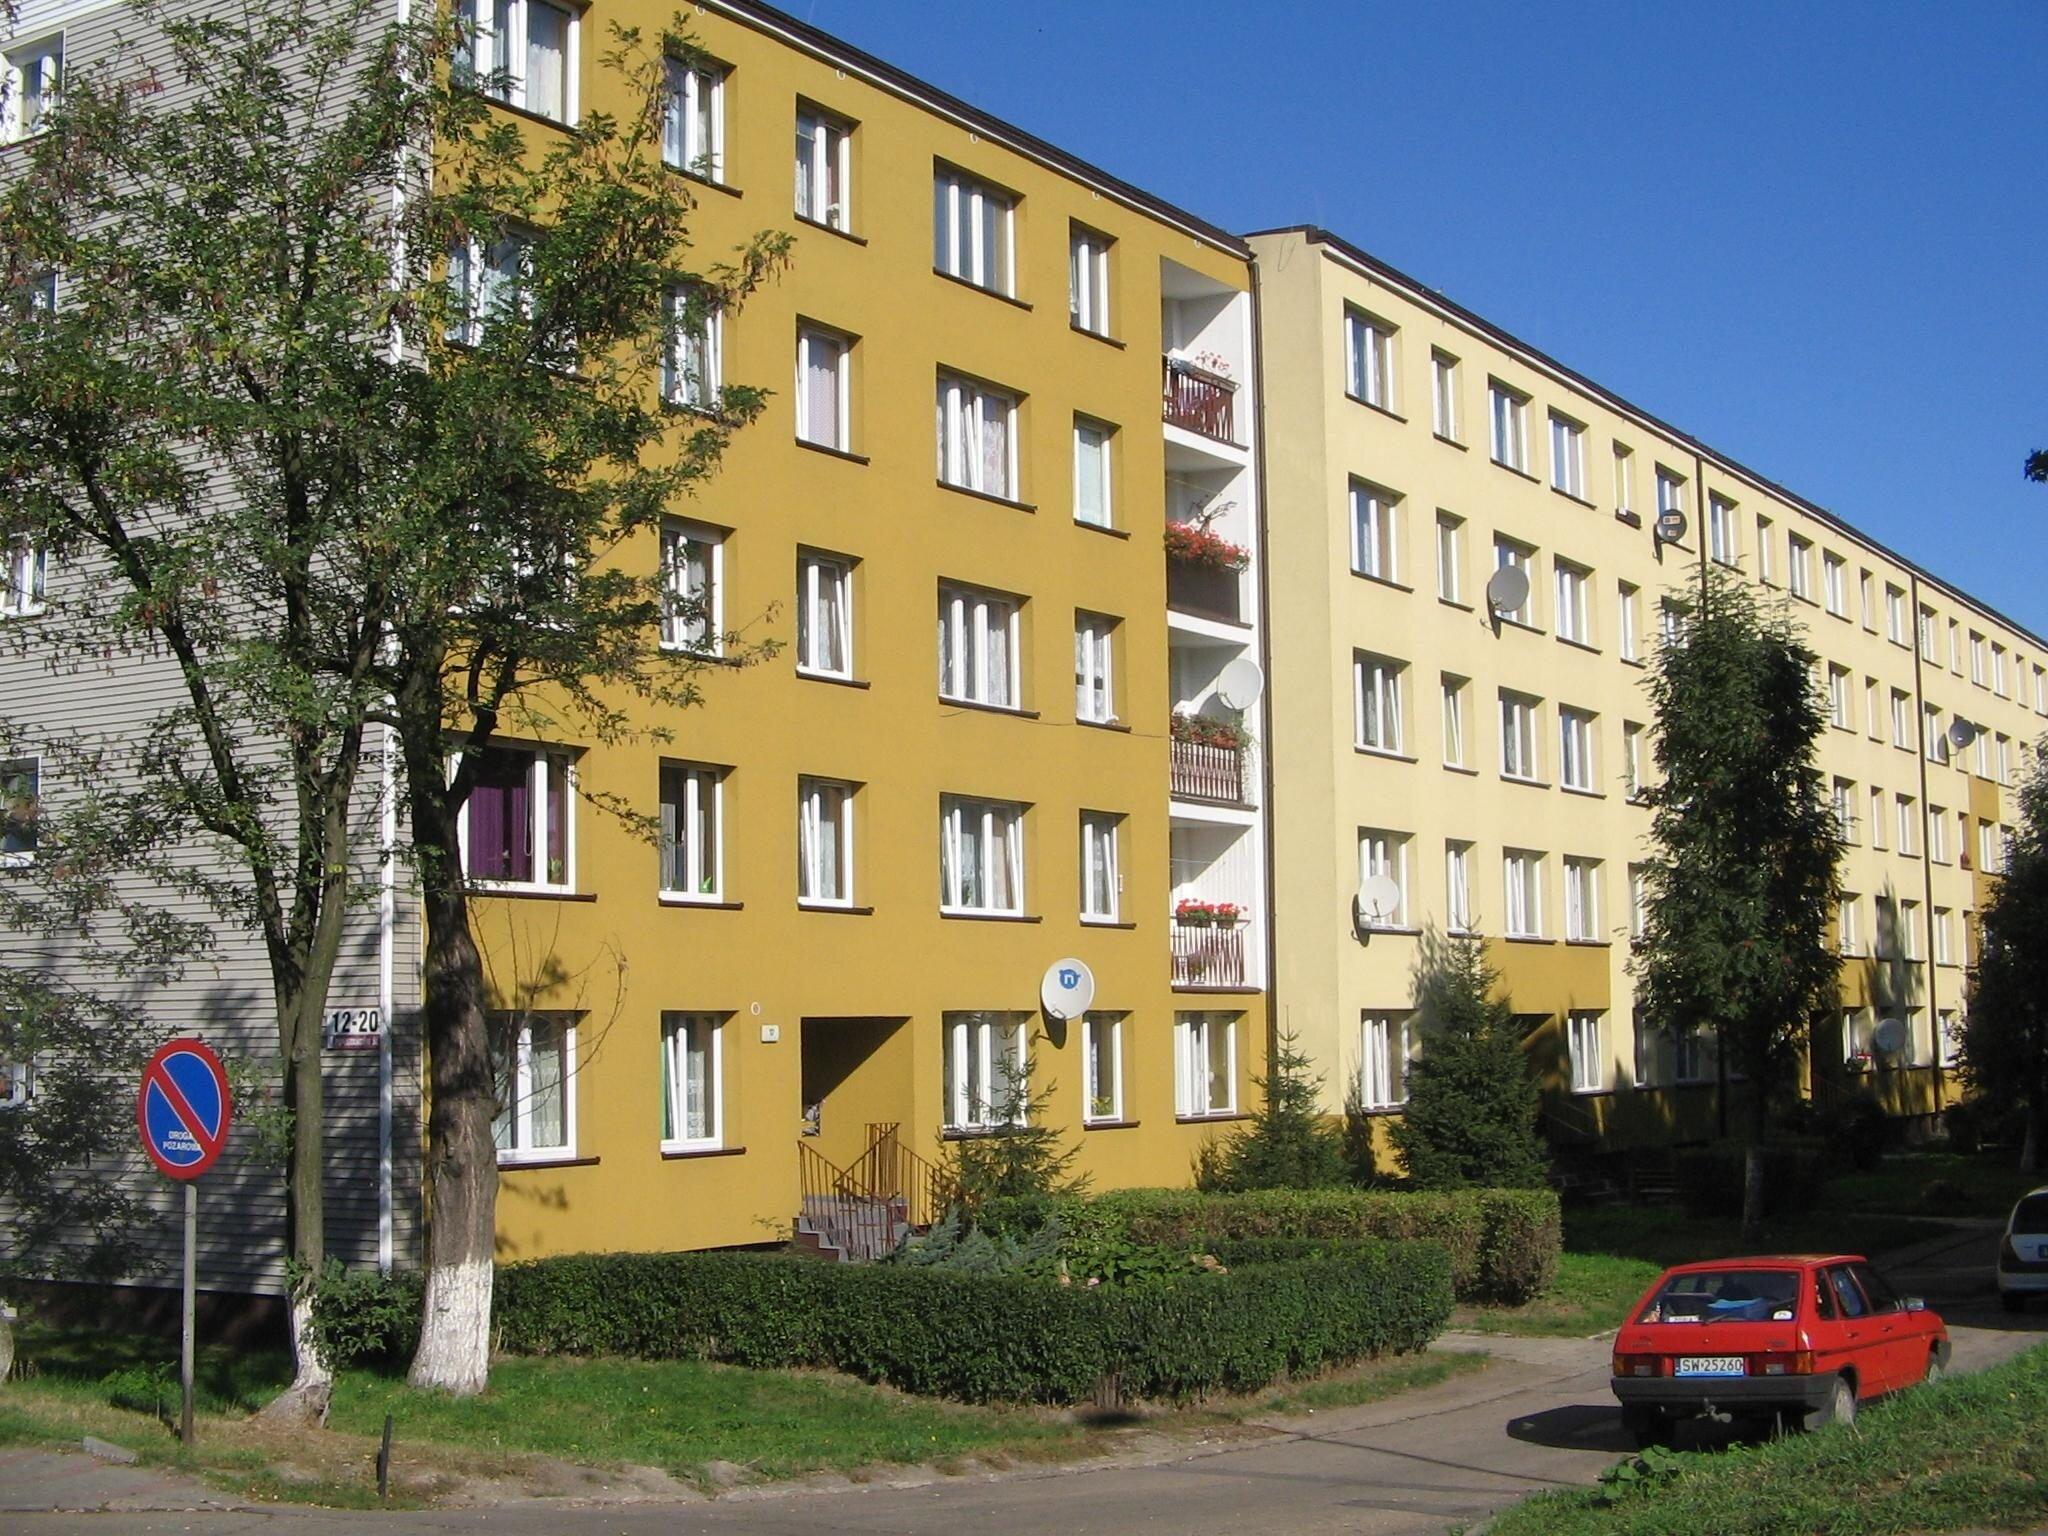 docieplenie_elewacji_budynku_2011_